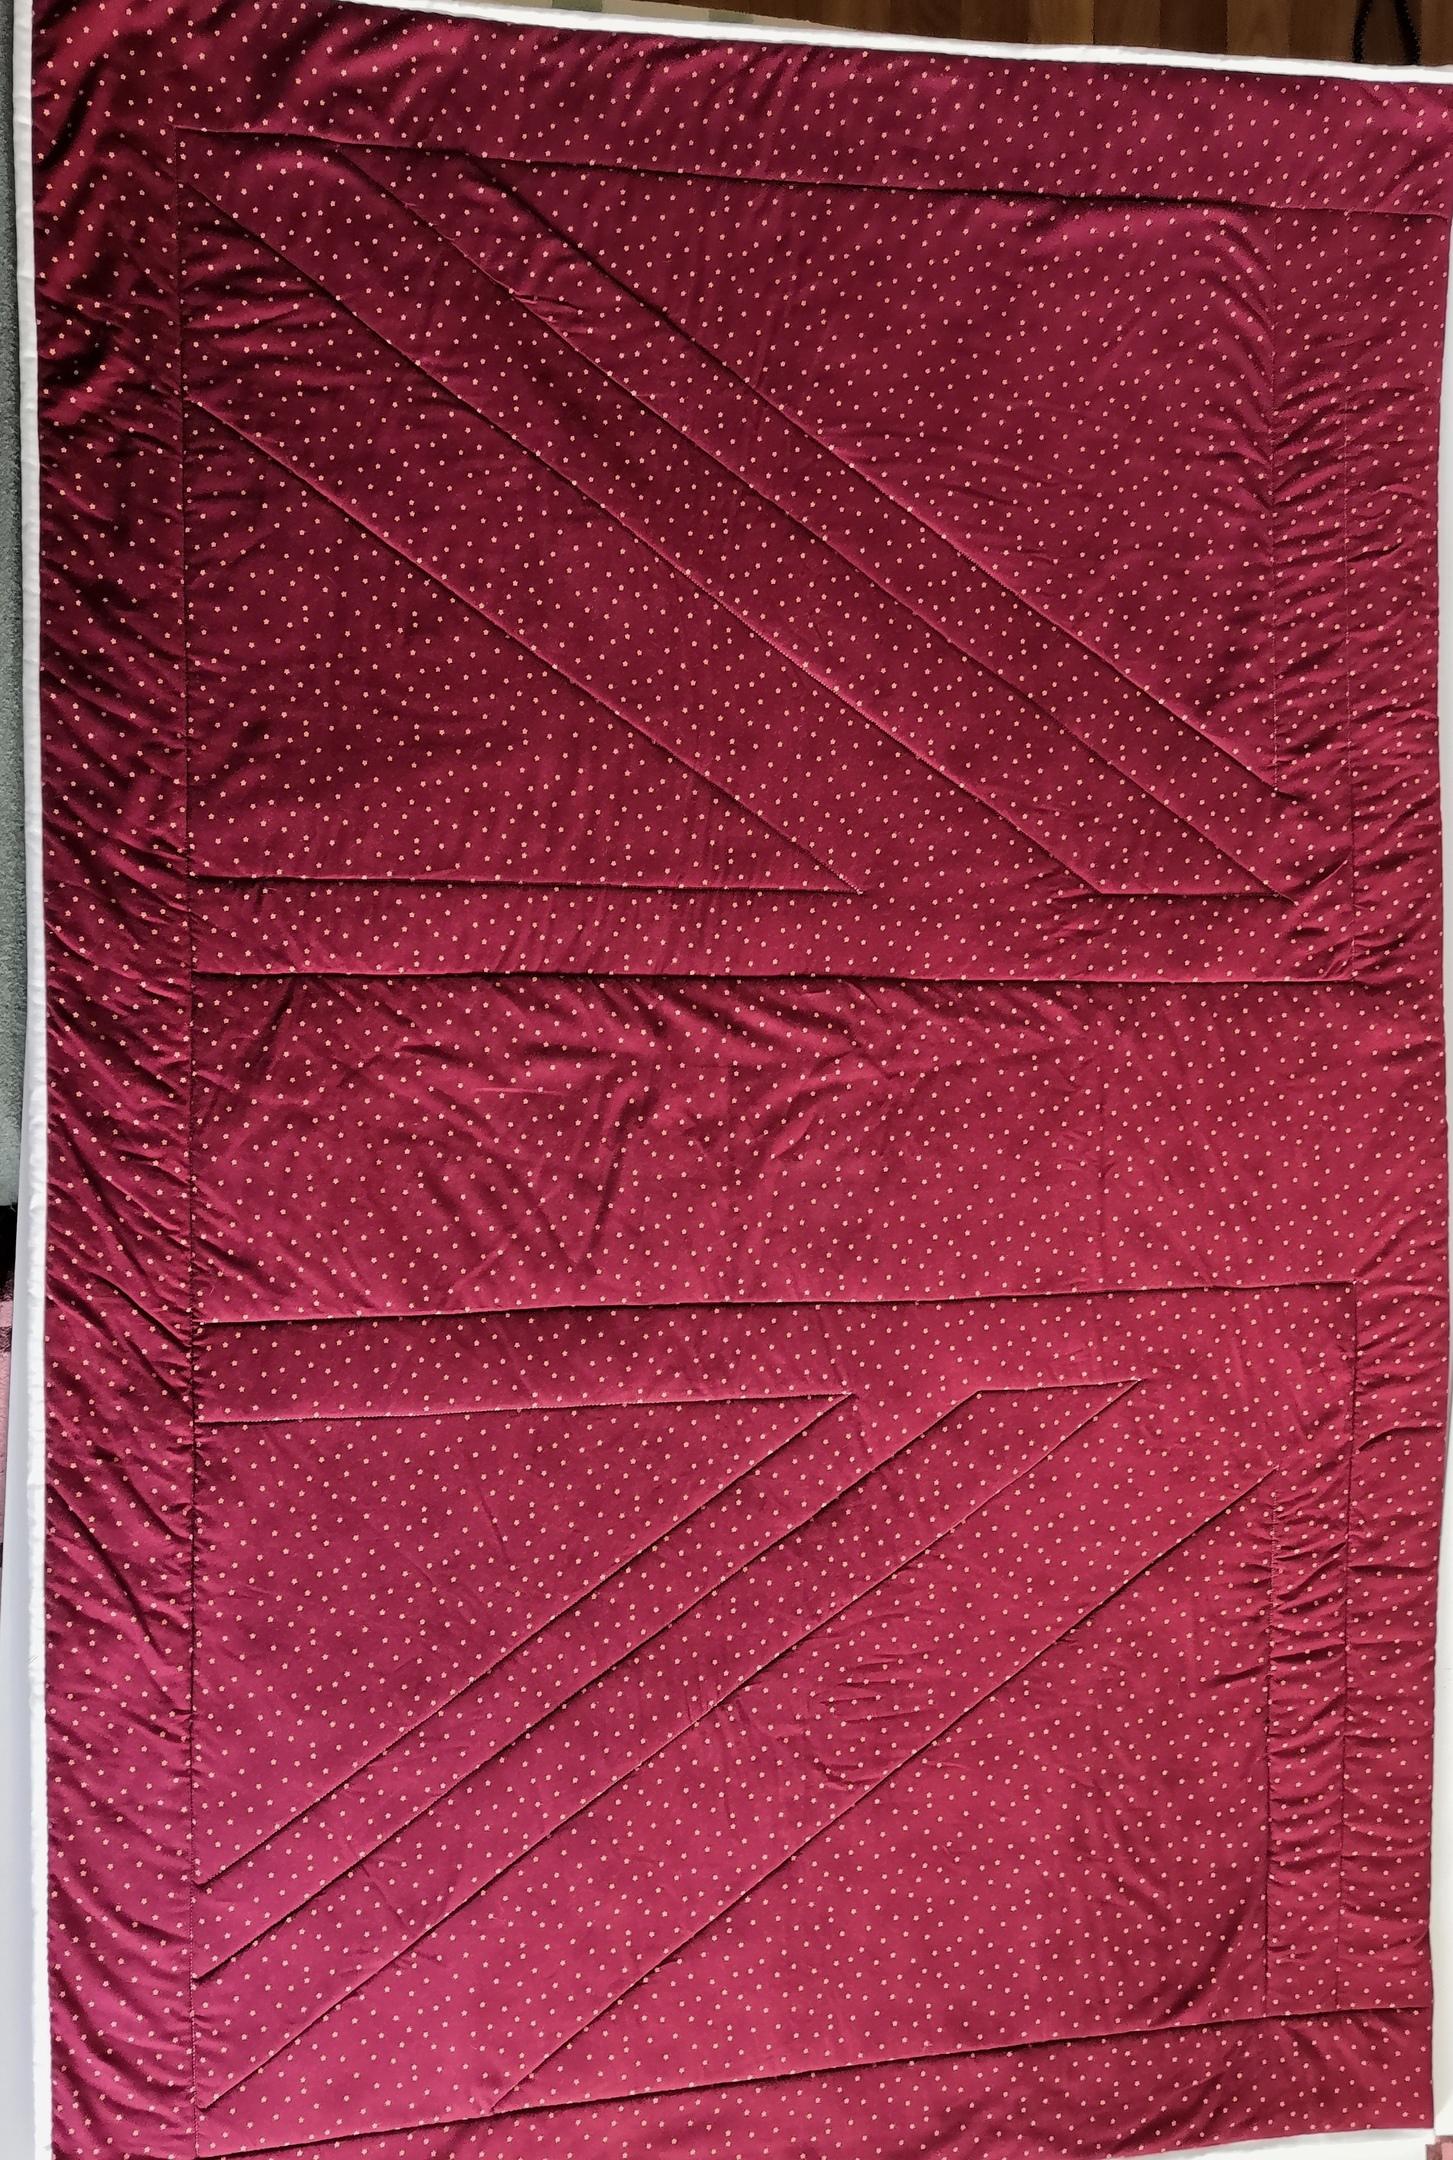 Текстиль для дома ручной работы TG8ikSKYJU8